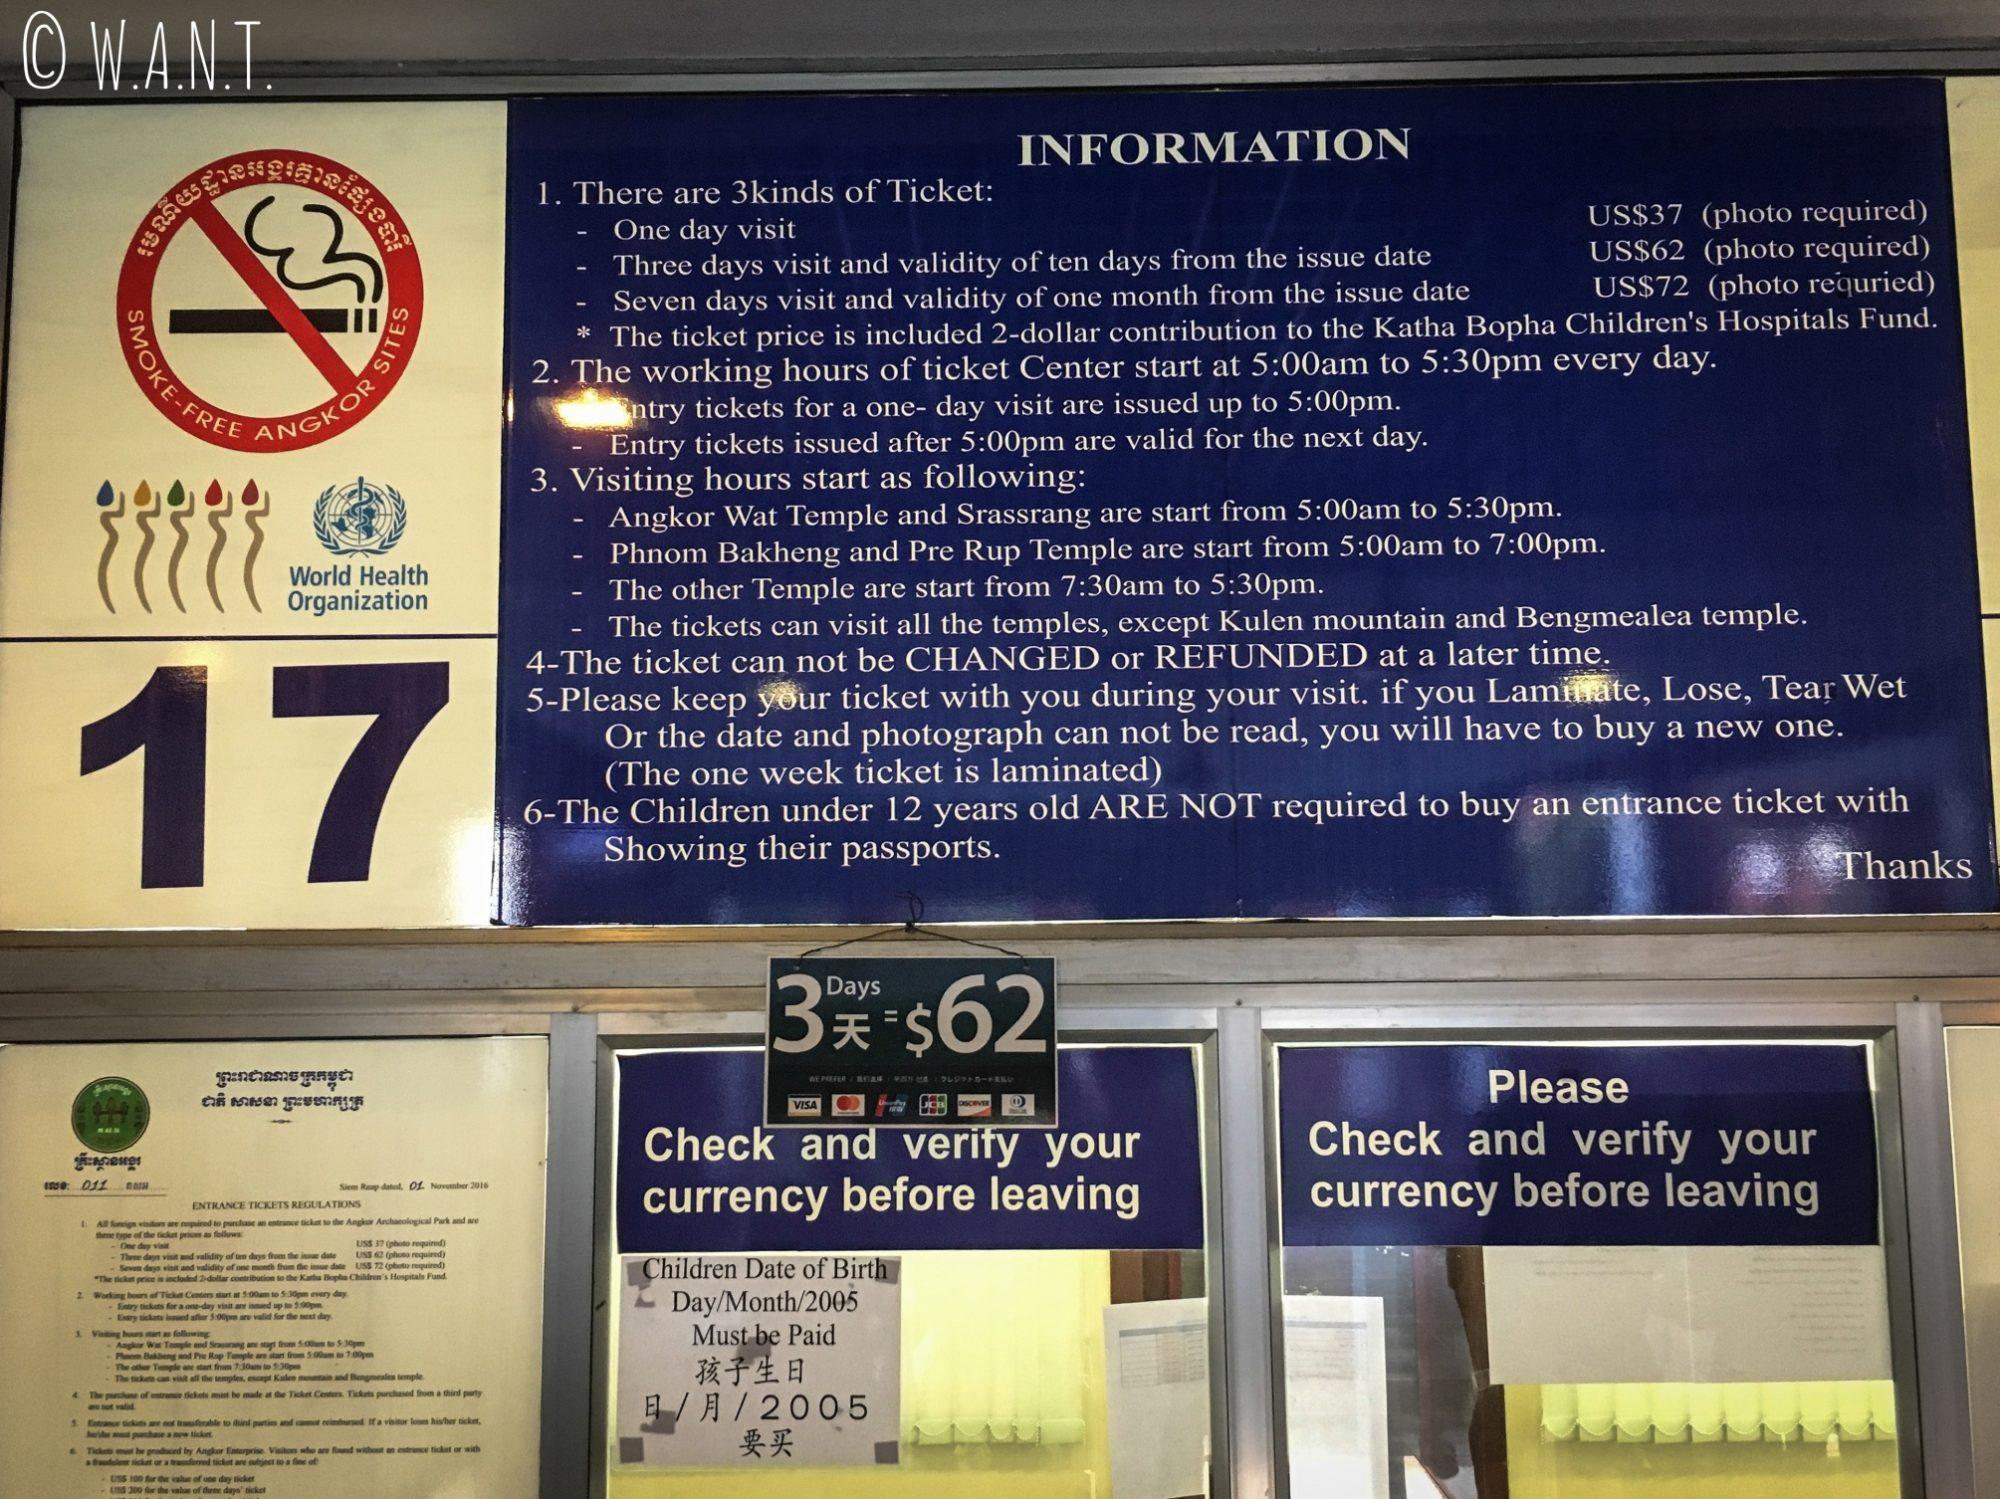 Panneau explicatif pour l'achat du pass pour visiter Angkor